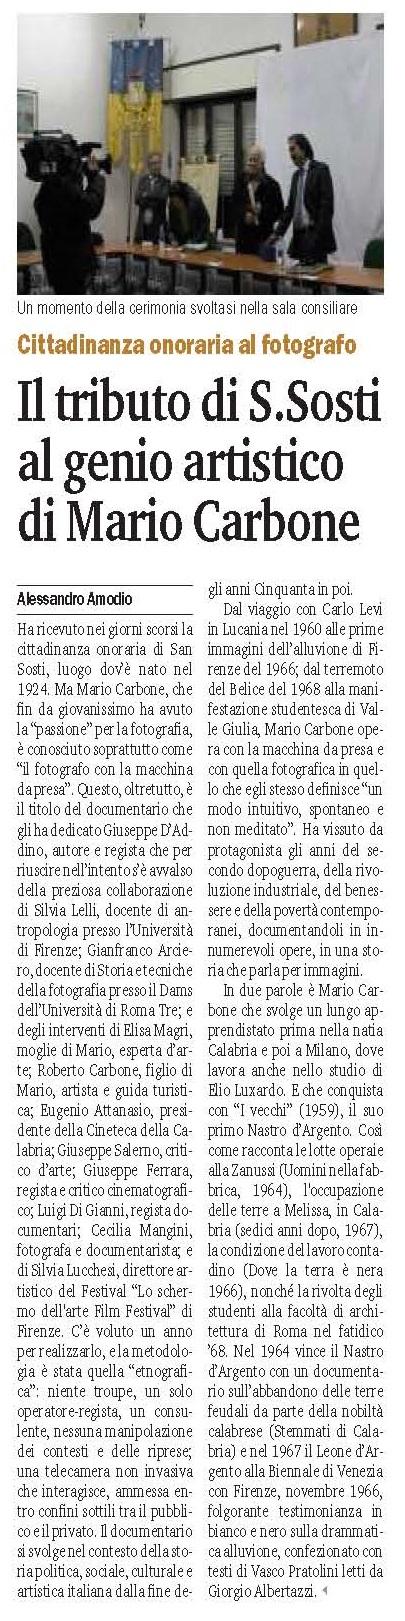 20130217 Gazzetta del Sud pag 17 (1)